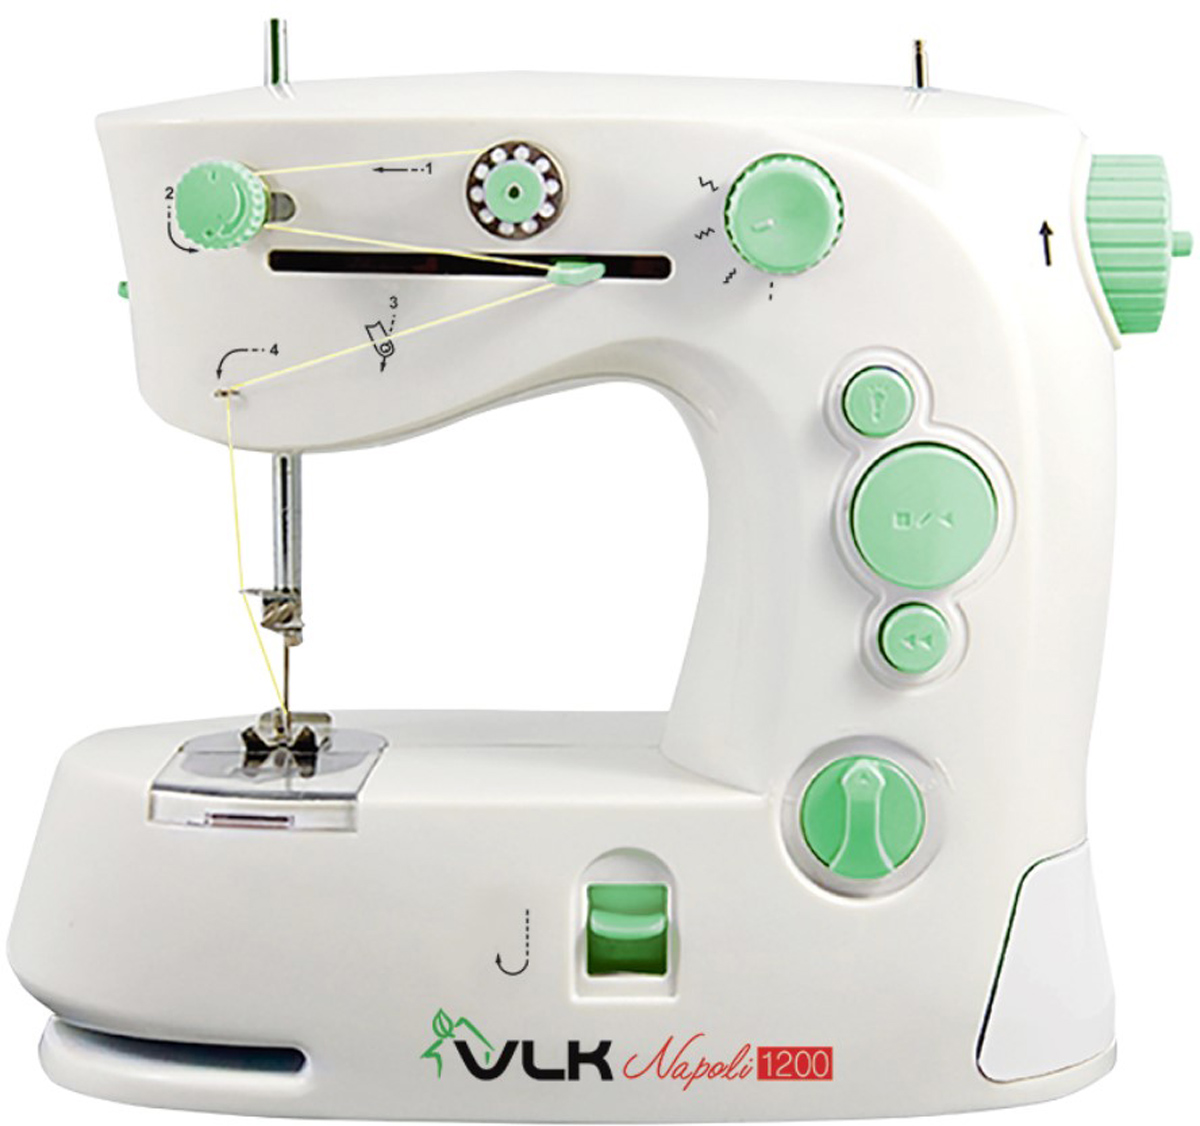 VLK Napoli 1200 швейная машина - Швейные машины и аксессуары